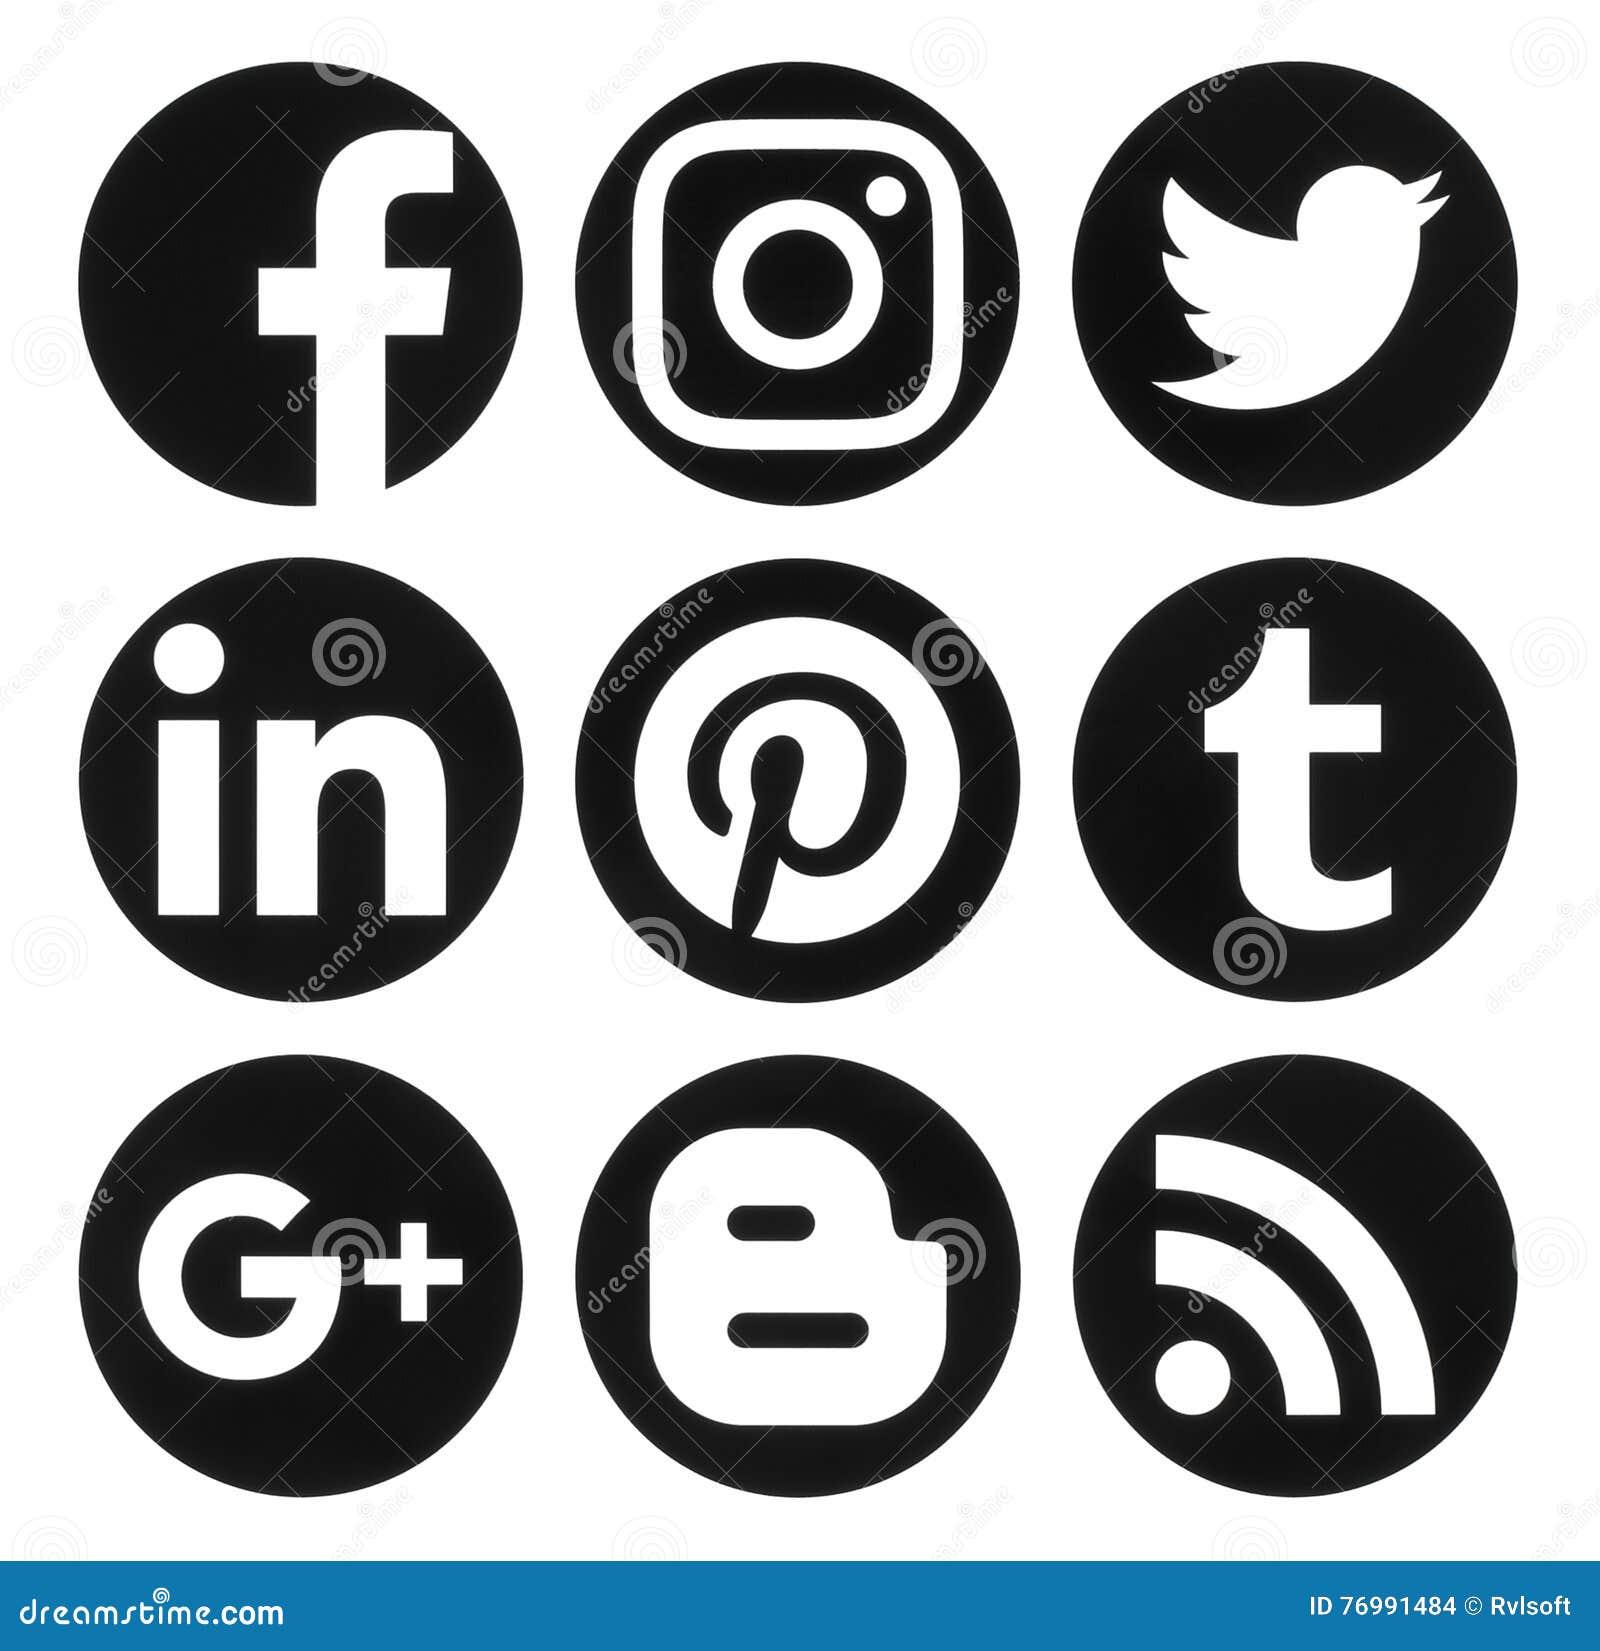 La colección logotipos sociales del negro popular del círculo de medios imprimió encendido